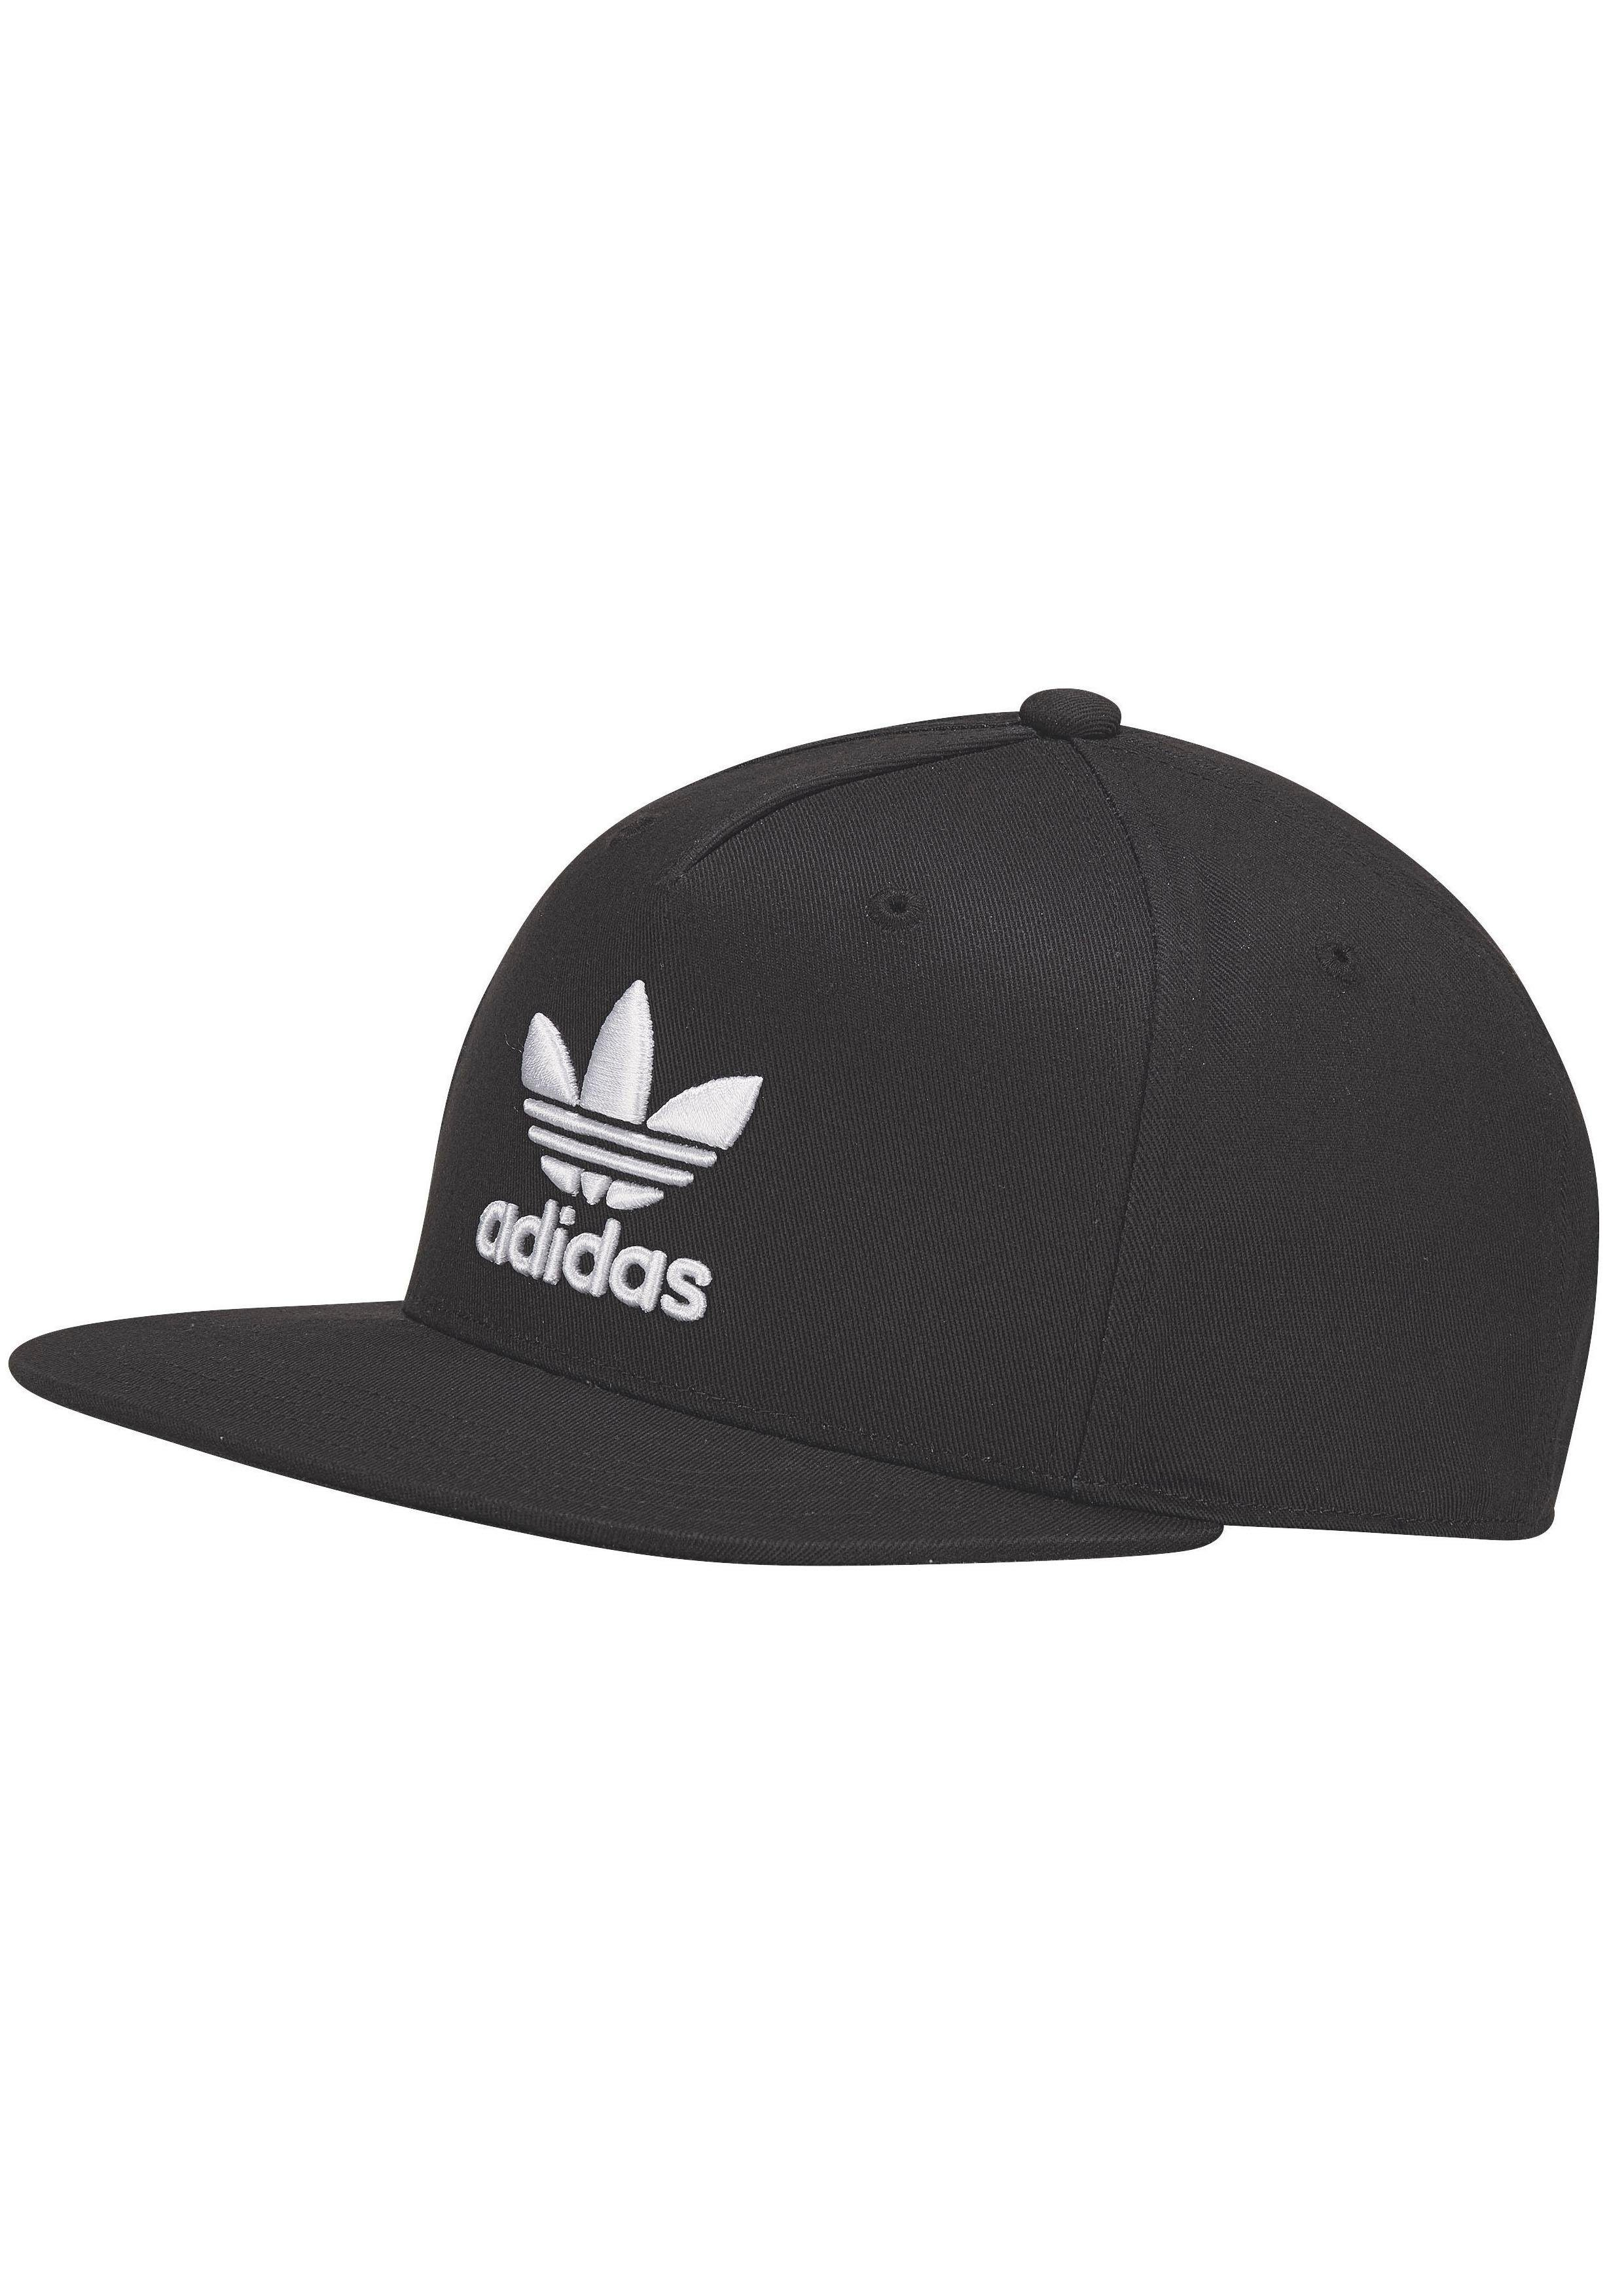 adidas Originals Flat Cap »CAP TREFOIL FLAT«